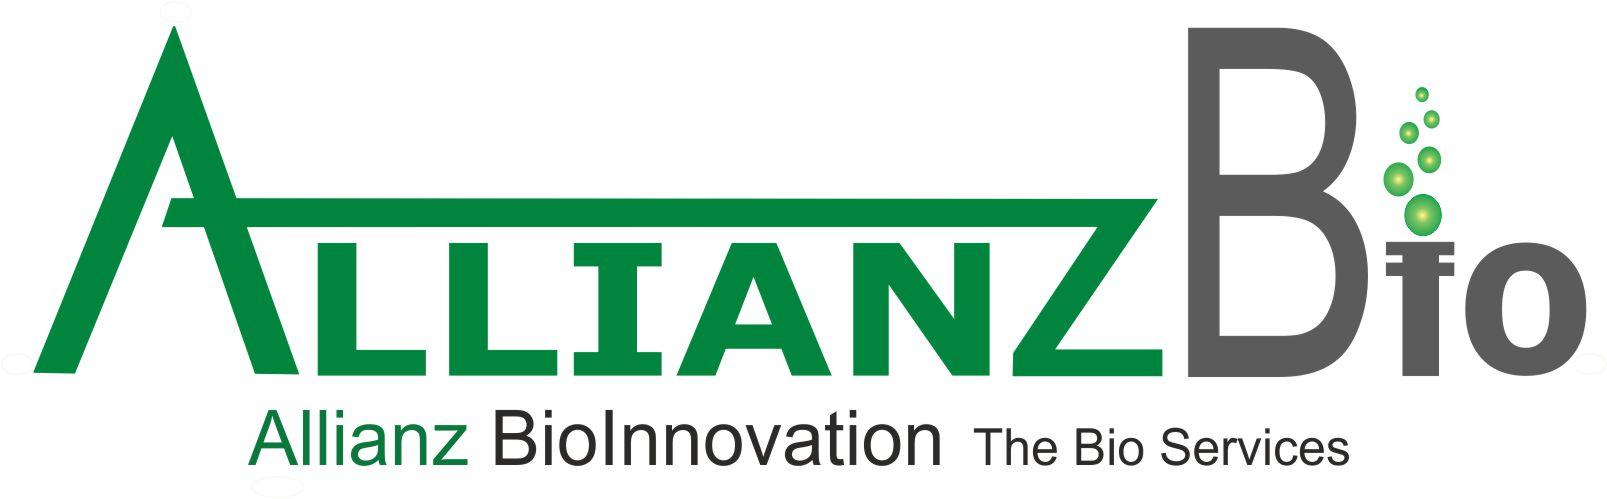 Allianz Bioinnovation